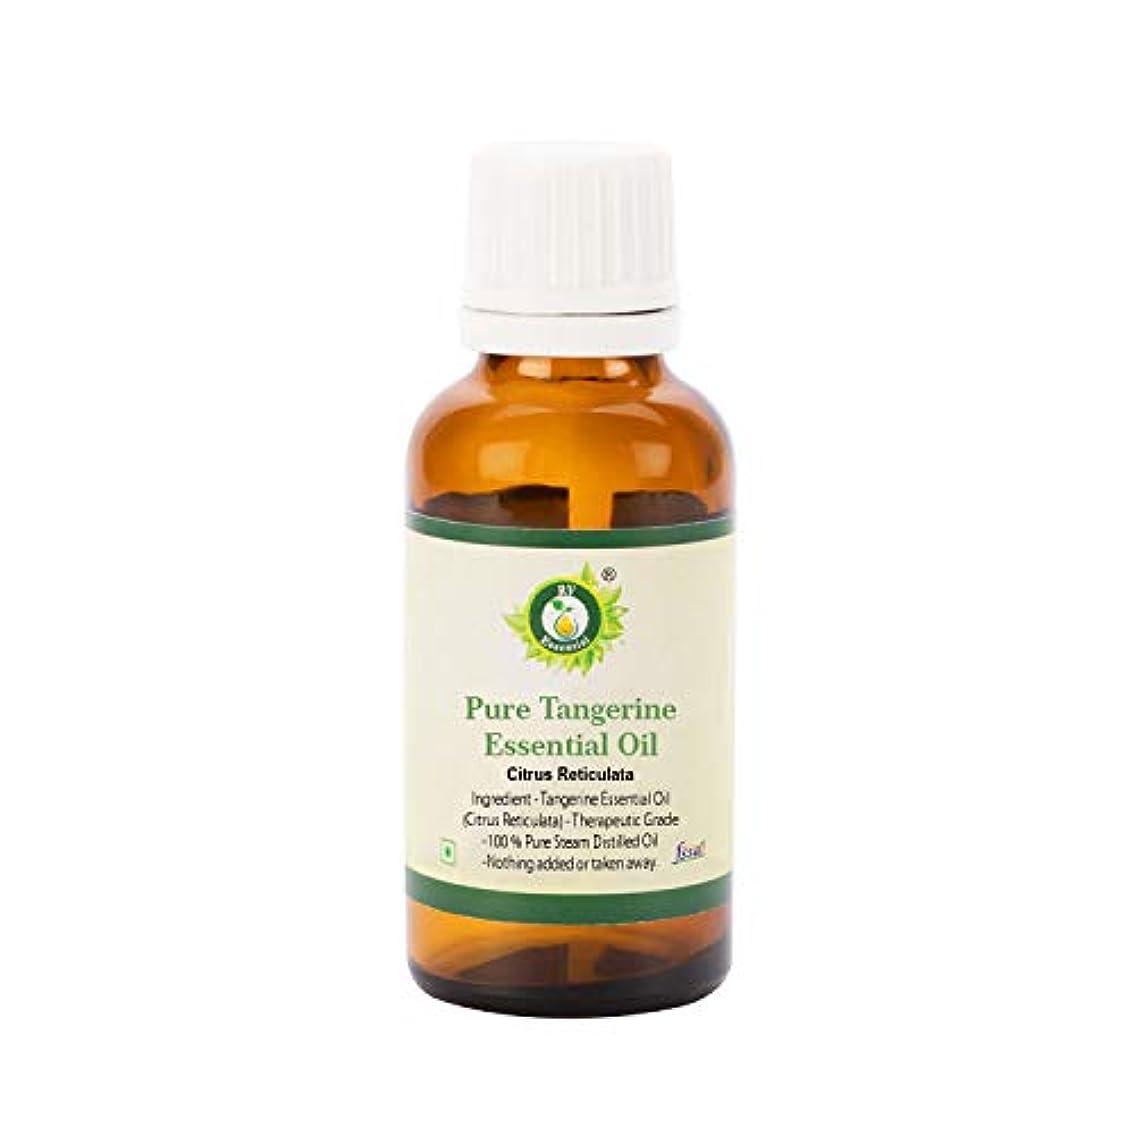 バブル拳ビヨンR V Essential ピュアタンジェリンエッセンシャルオイル50ml (1.69oz)- Citrus Reticulata (100%純粋&天然スチームDistilled) Pure Tangerine Essential Oil